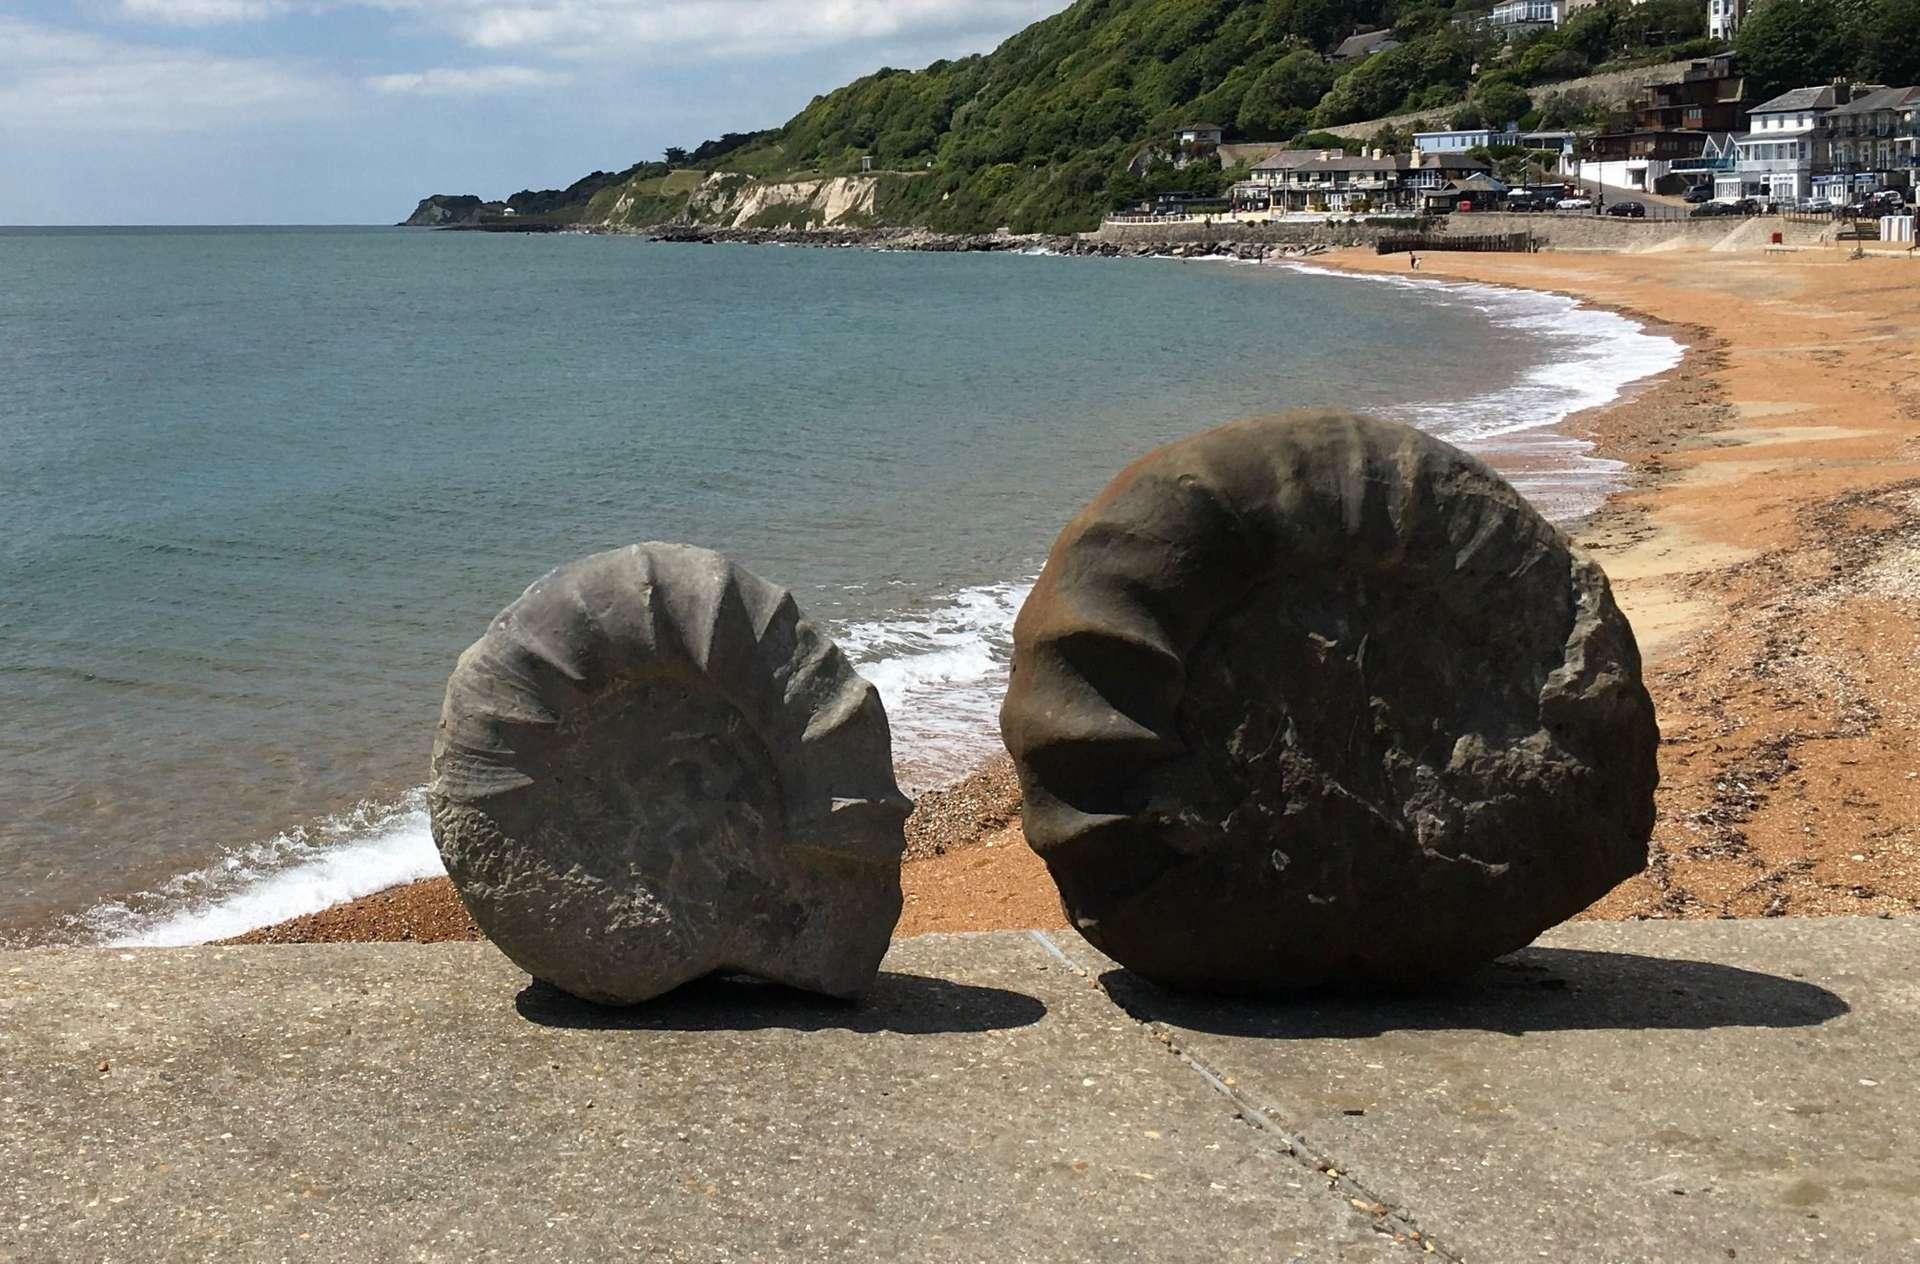 De nombreuses ammonites ont été découvertes sur l'île de Wight. © Wight Coast Fossils, Facebook